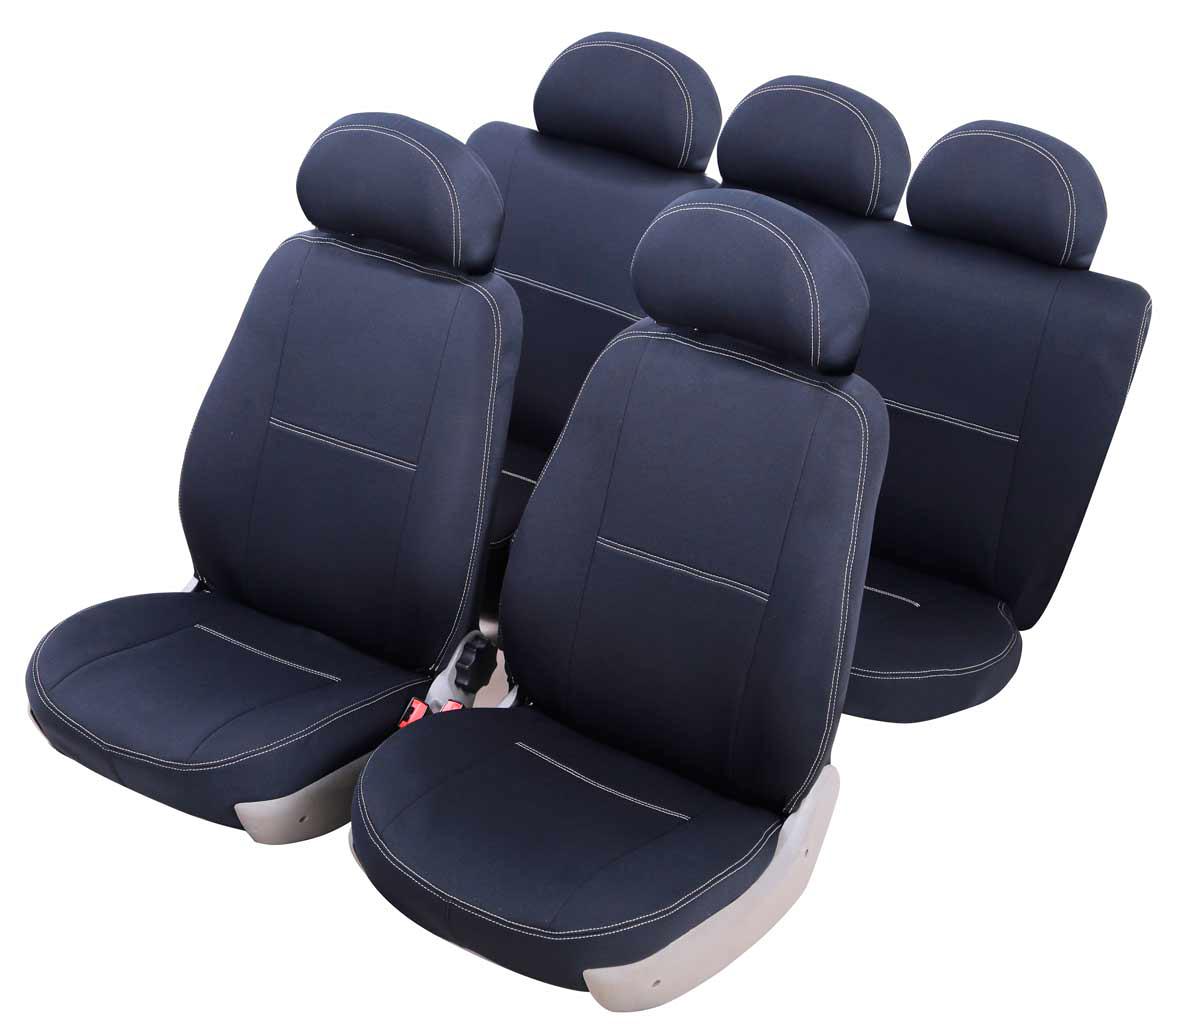 Чехол на автокресло Azard Standard, для VW Polo (2009-н.в), седан, слитный задний рядA4010181Модельные чехлы из полиэстера Azard Standard. Разработаны в РФ индивидуально для каждого автомобиля. Чехлы Azard Standard серийно выпускаются на собственном швейном производстве в России. Чехлы идеально повторяют штатную форму сидений и выглядят как оригинальная обивка сидений. Для простоты установки используется липучка Velcro, учтены все технологические отверстия. Чехлы сохраняют полную функциональность салона – трасформация сидений, возможность установки детских кресел ISOFIX, не препятствуют работе подушек безопасности AIRBAG и подогрева сидений. Дизайн чехлов Azard Standard приближен к оригинальной обивке салона. Декоративная контрастная прострочка по периметру авточехлов придает стильный и изысканный внешний вид интерьеру автомобиля. Чехлы Azard Standard изготовлены из полиэстера, триплированного огнеупорным поролоном толщиной 3 мм, за счет чего чехол приобретает дополнительную мягкость. Подложка из спандбонда сохраняет свойства поролона и предотвращает его разрушение....